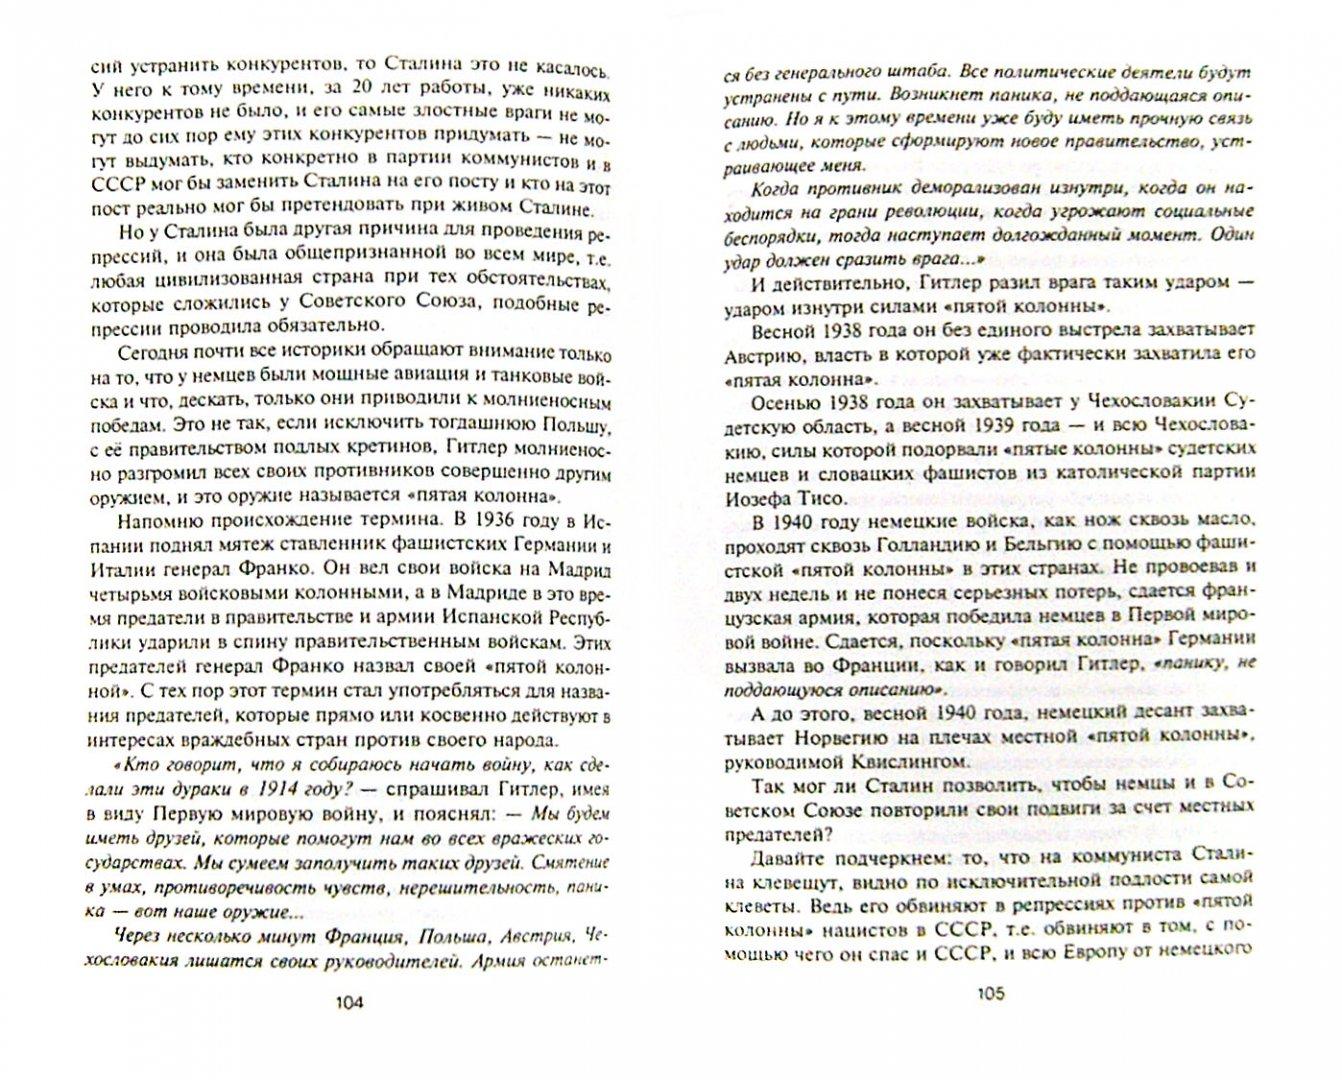 Иллюстрация 1 из 6 для Победила бы нынешняя Россия в Великой Отечественной? Уроки войны - Юрий Мухин   Лабиринт - книги. Источник: Лабиринт